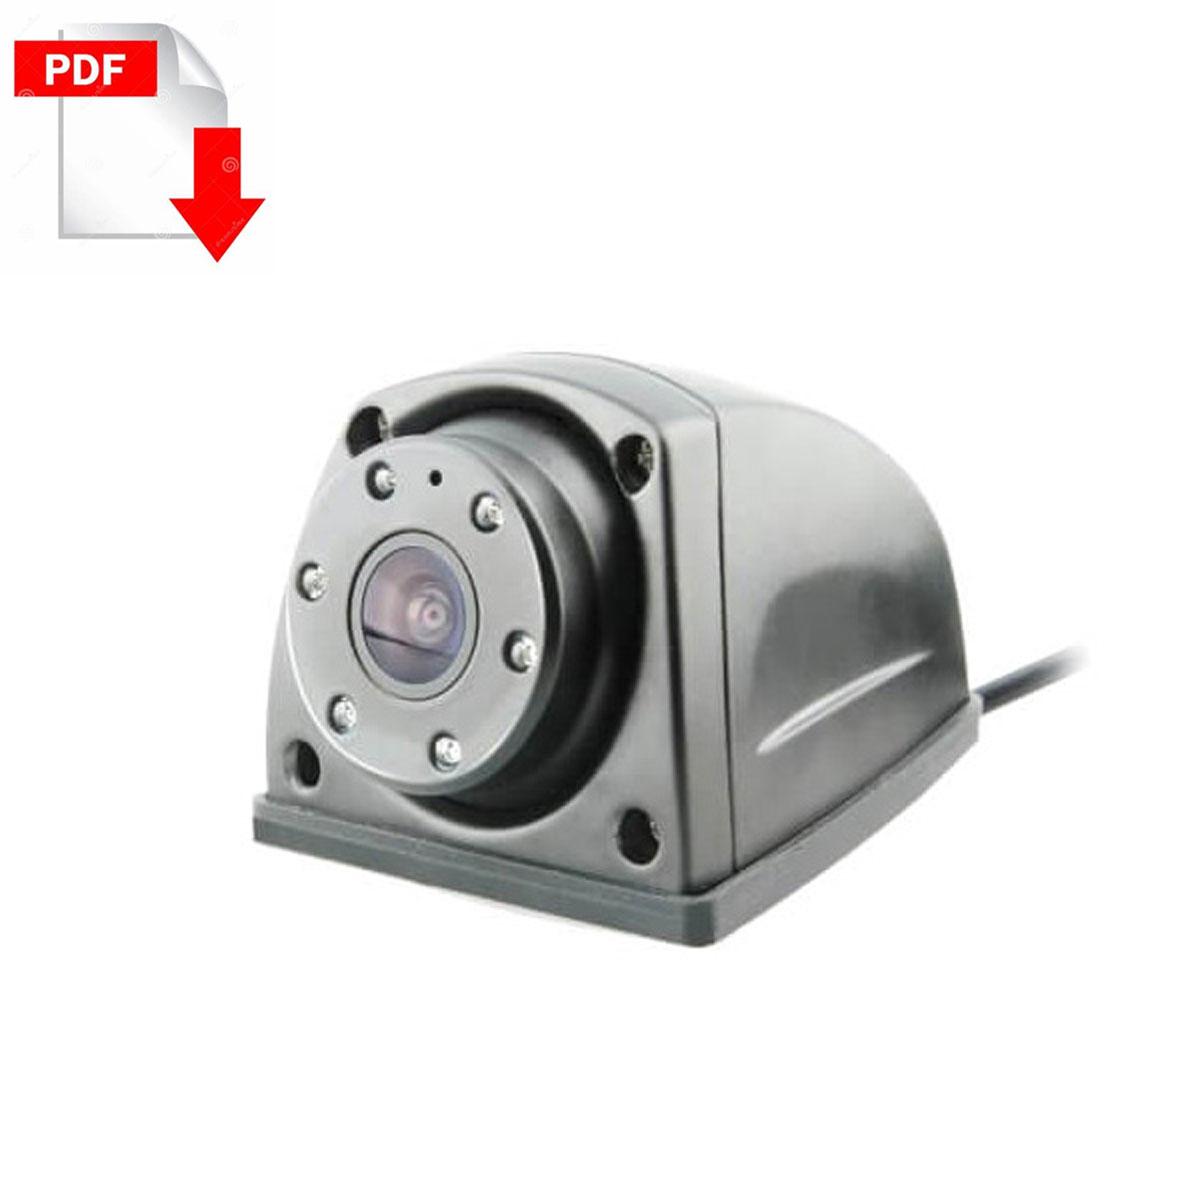 Ambulance Side view-camera